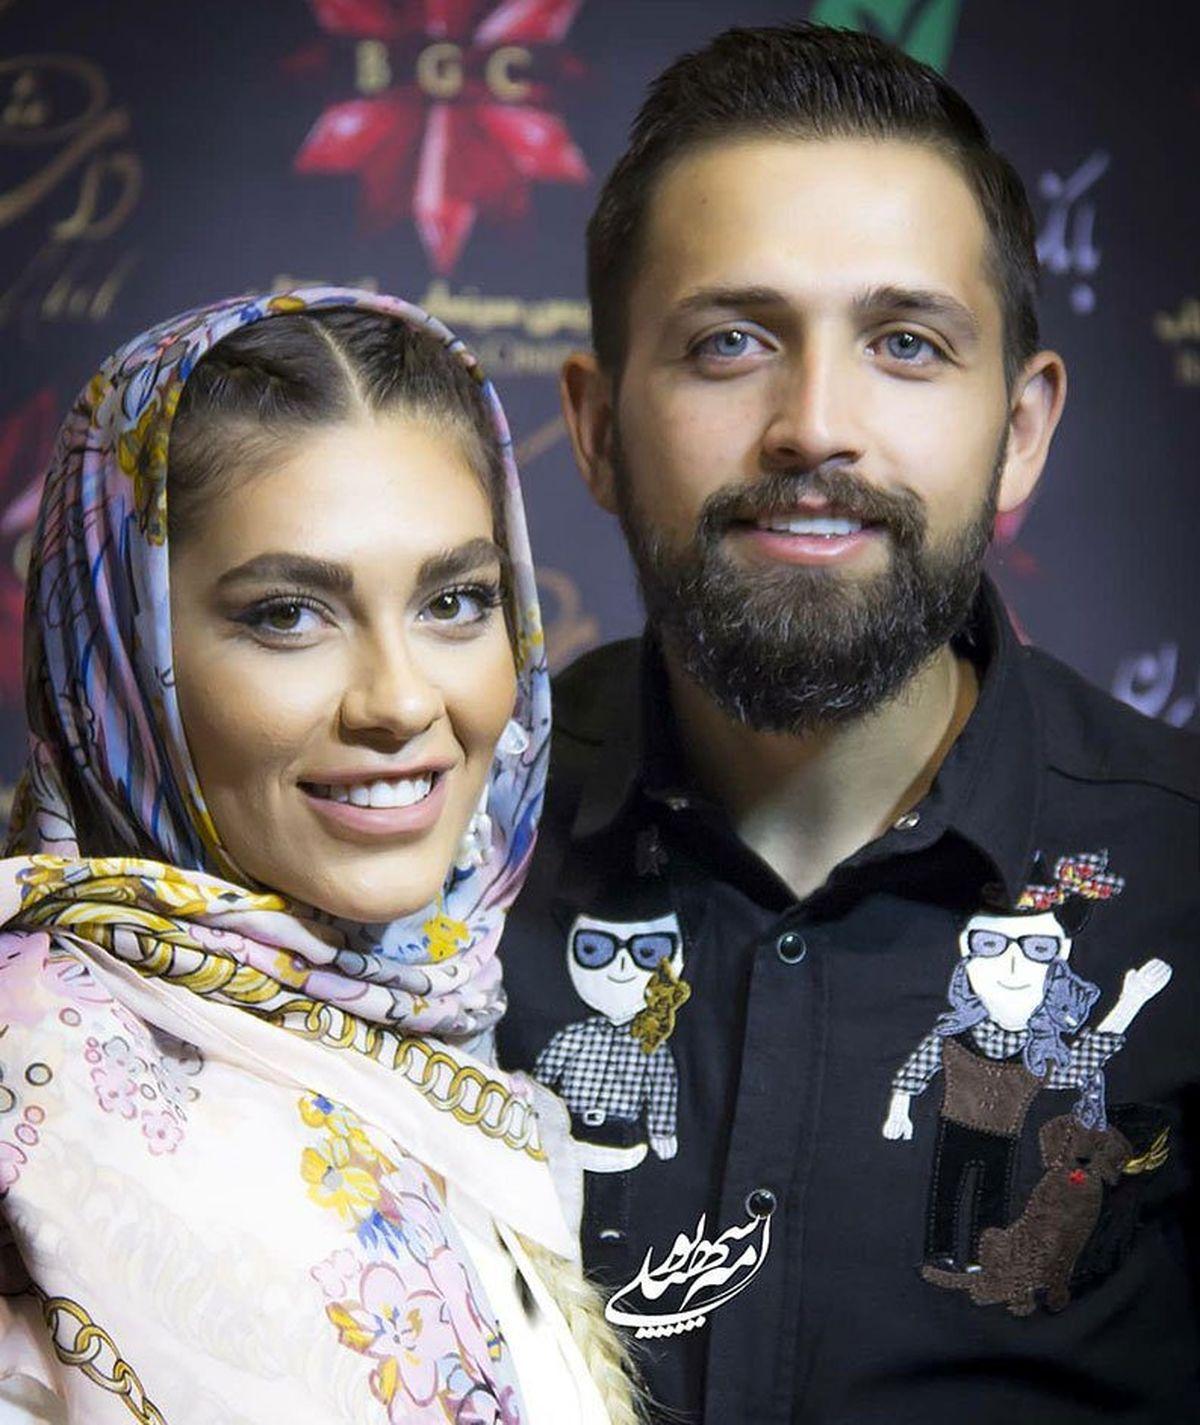 فیلم لورفته از دلتنگی محسن افشانی برای سویل + فیلم دیده نشده